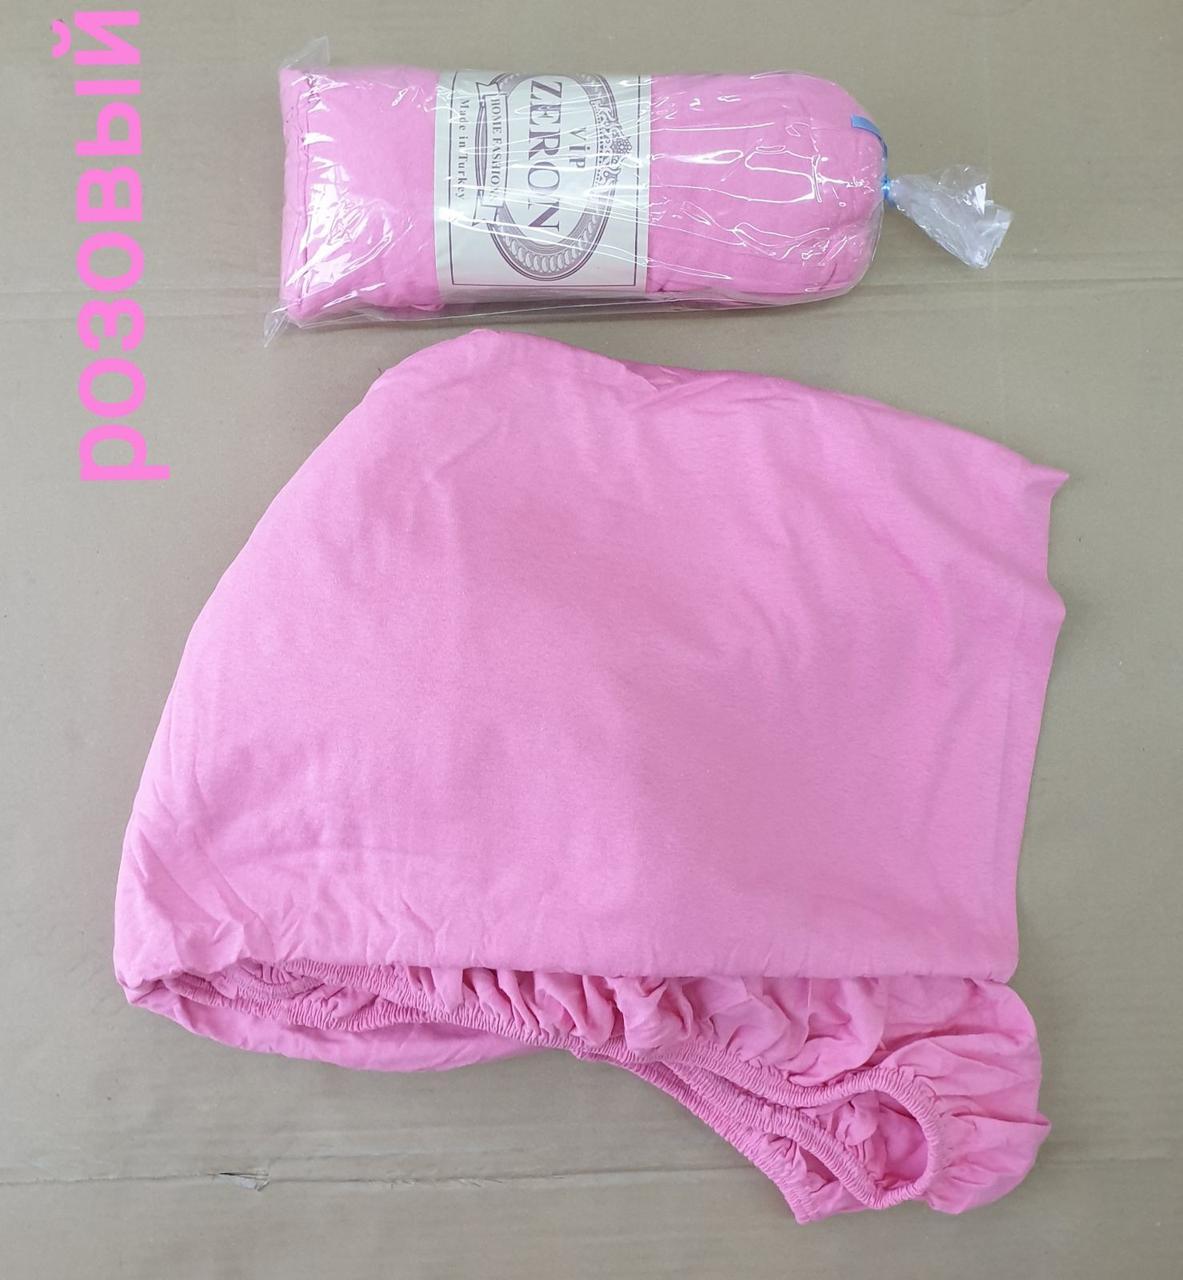 Простирадло на гумці трикотажна 180*200 рожева (TM Zeron), Туреччина